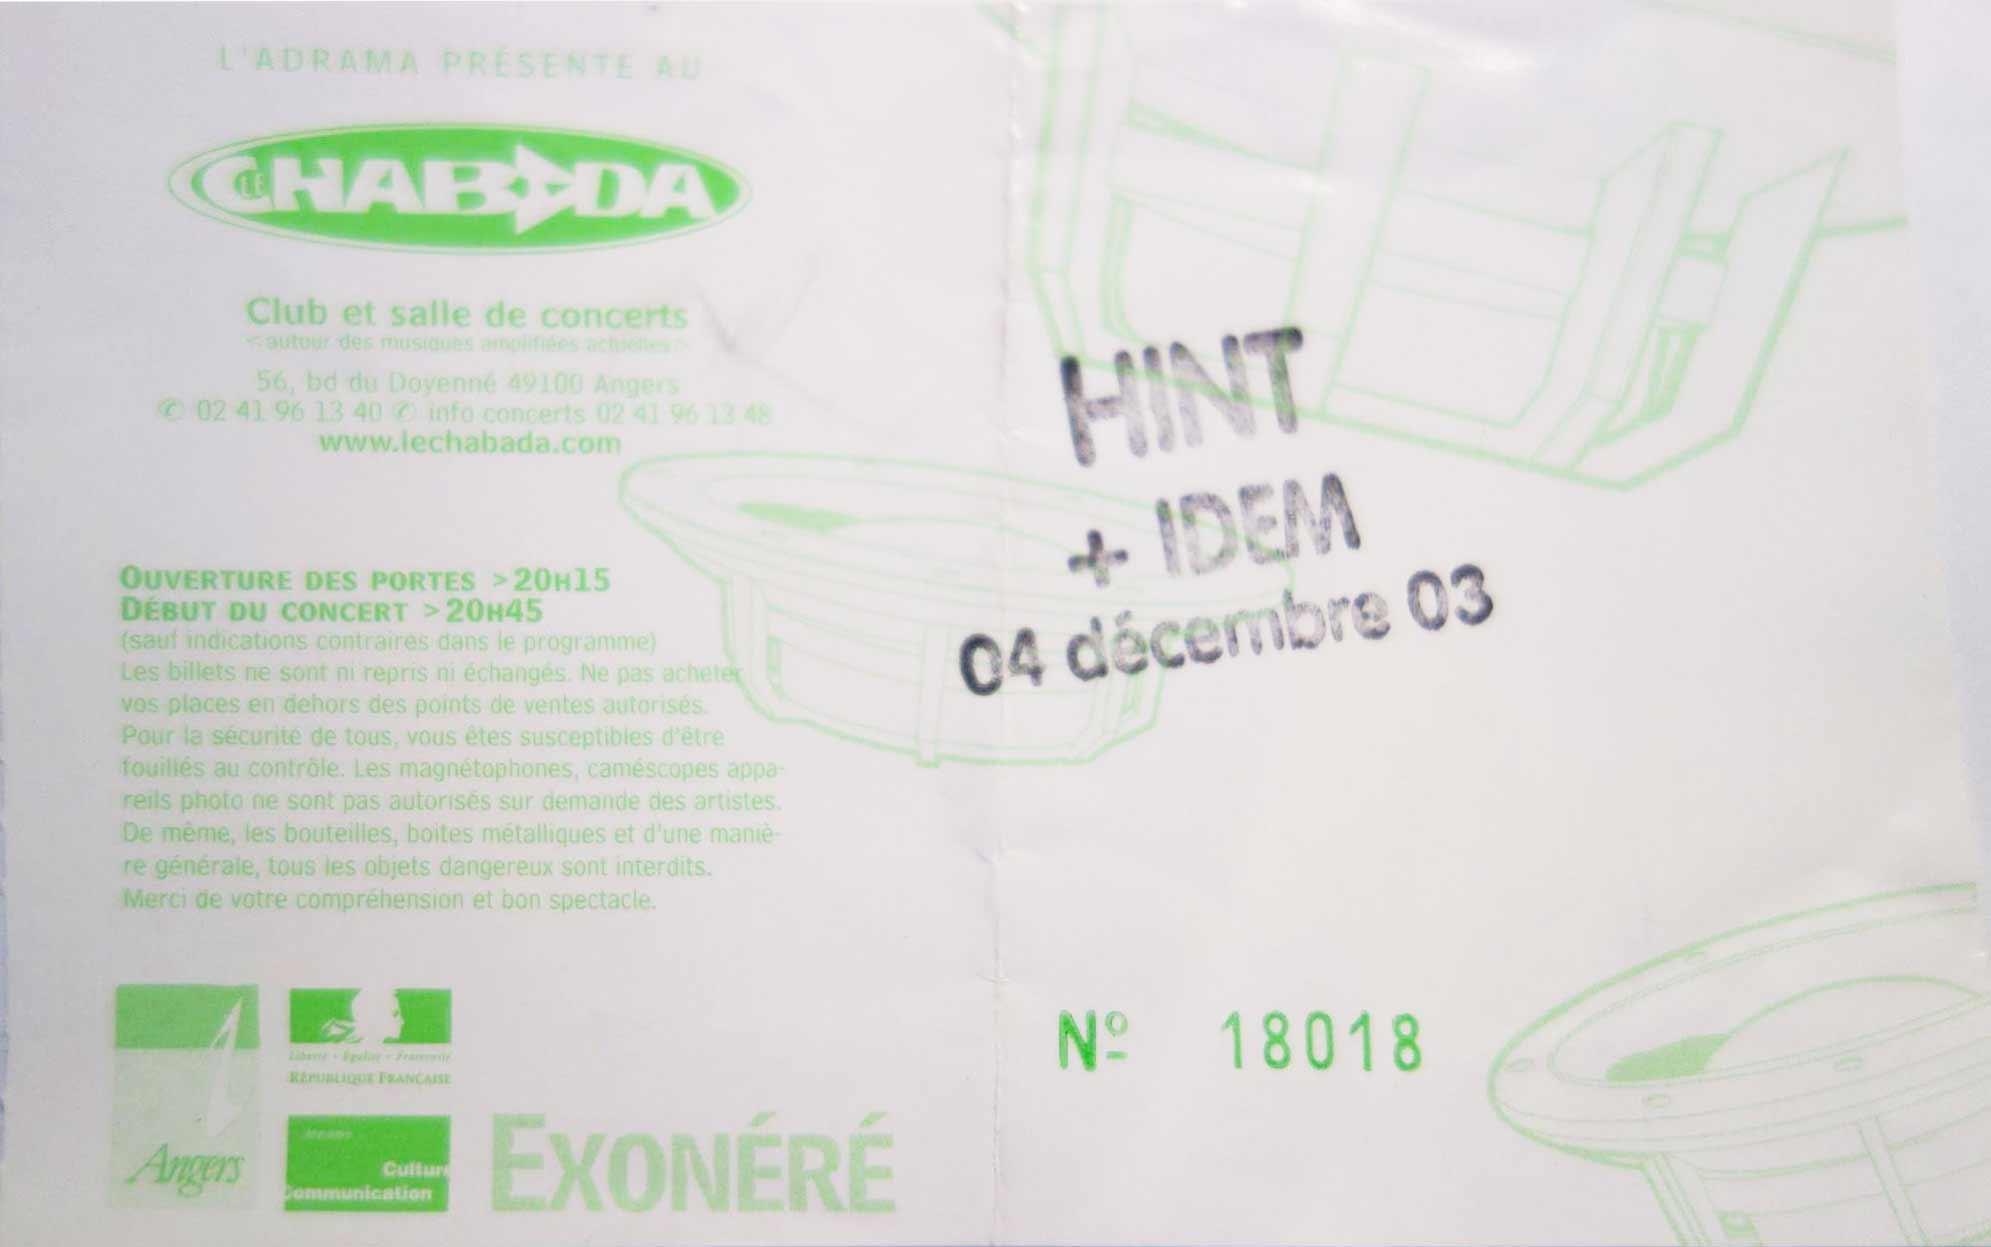 """4 décembre 2003 Hint, Idem à Angers """"Chabada"""""""